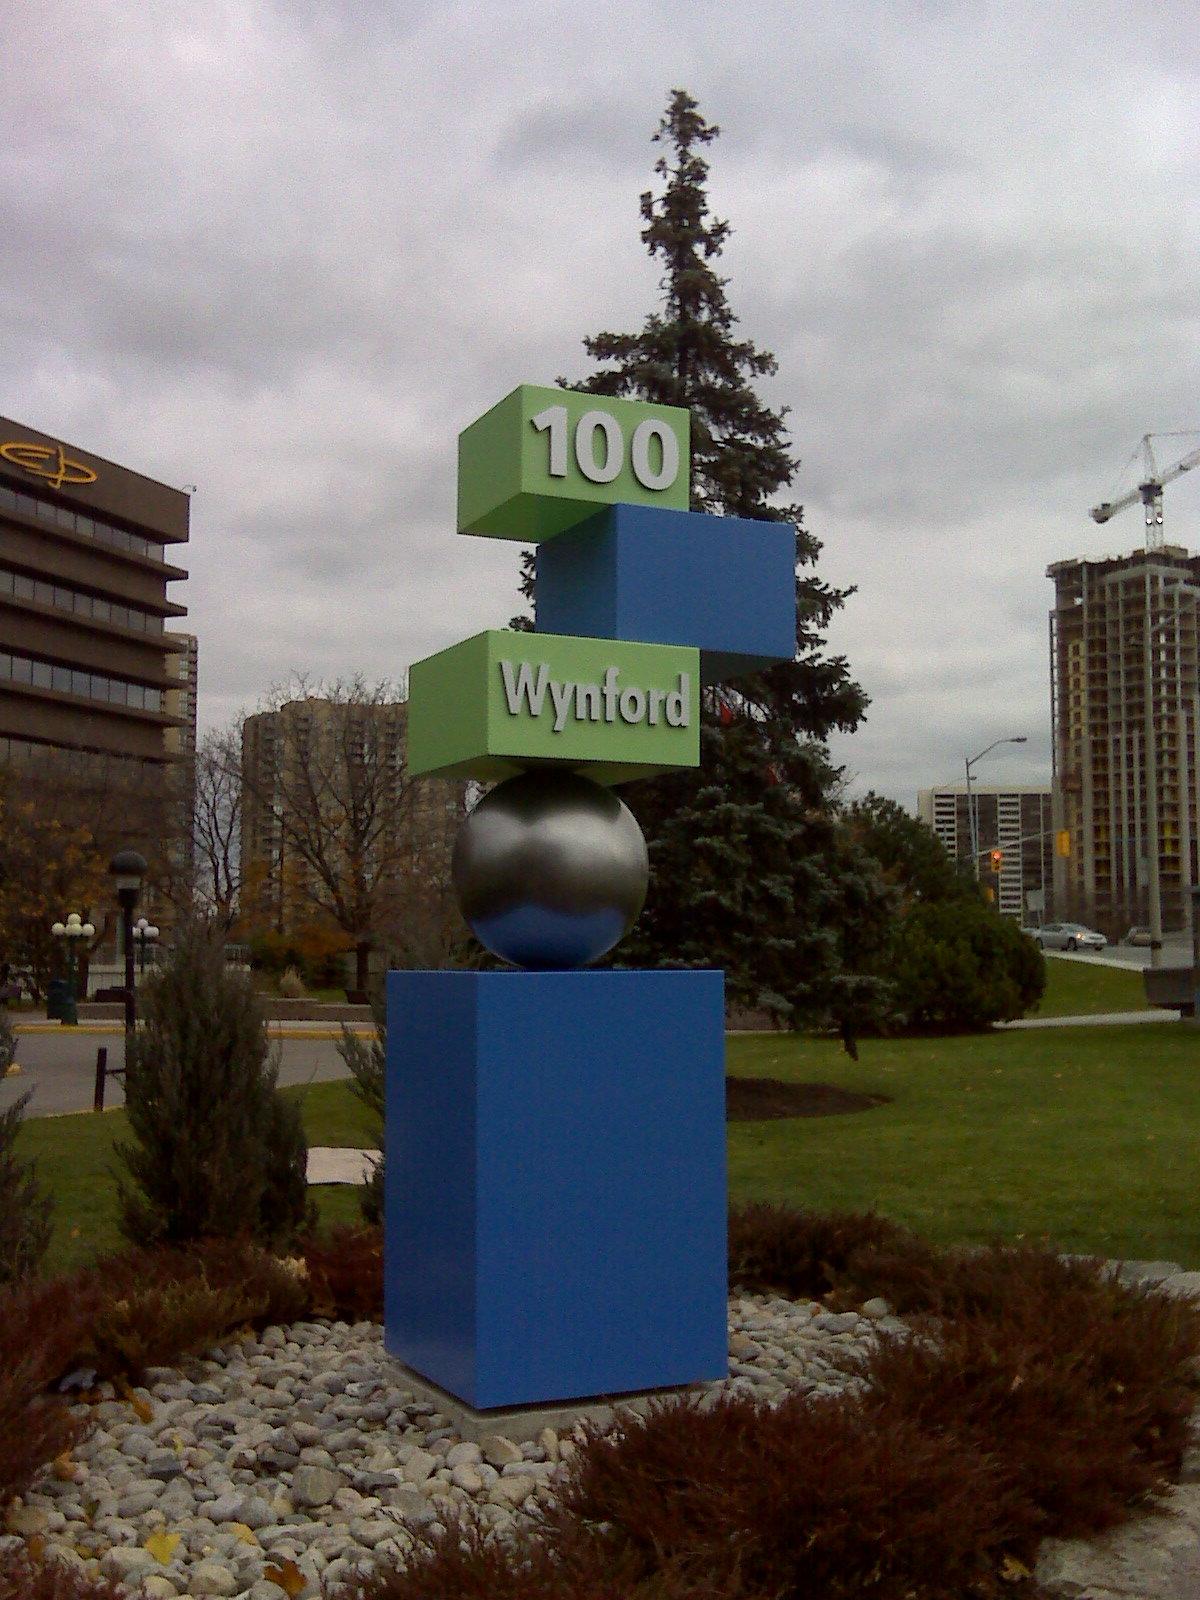 100 Wynford